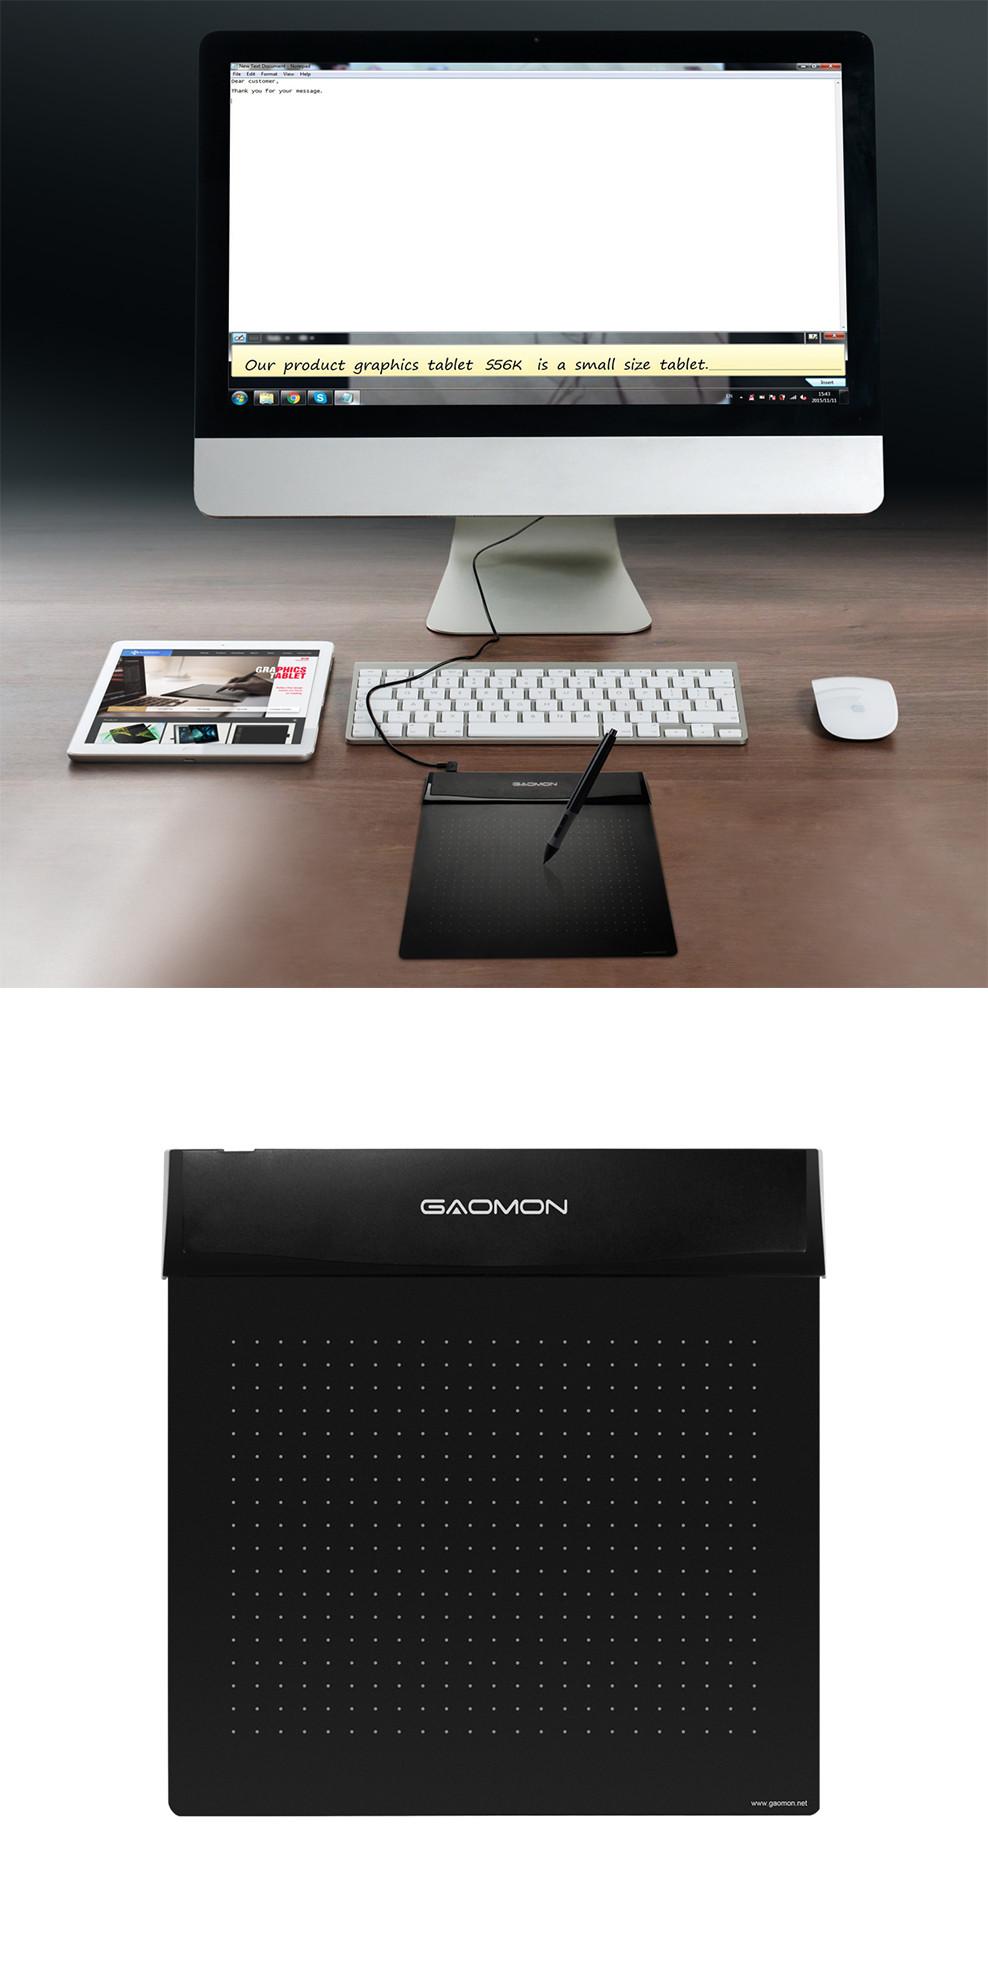 لوحة رقمية صغيرة مرنة للرسم والتصميم الهندسي على الحاسوب 2